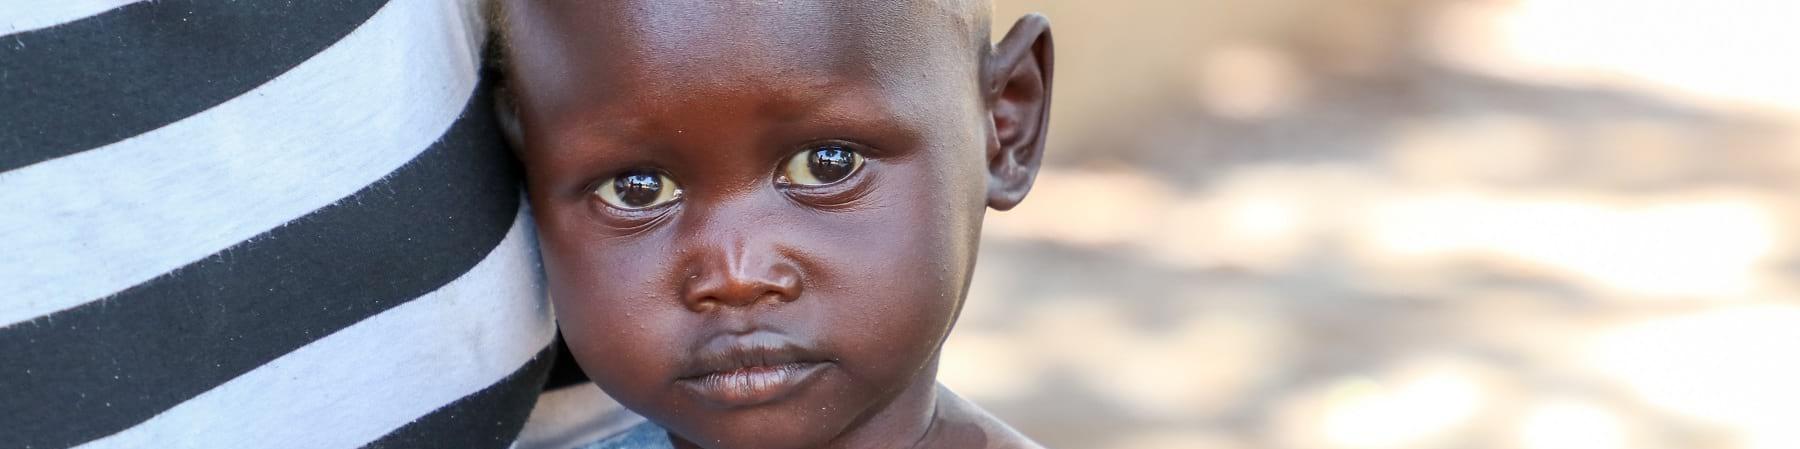 primo piano di un bambino sud sudanese con maglietta grigia è vicino alla pancia di un adulto con maglietta a righe bianche e nere